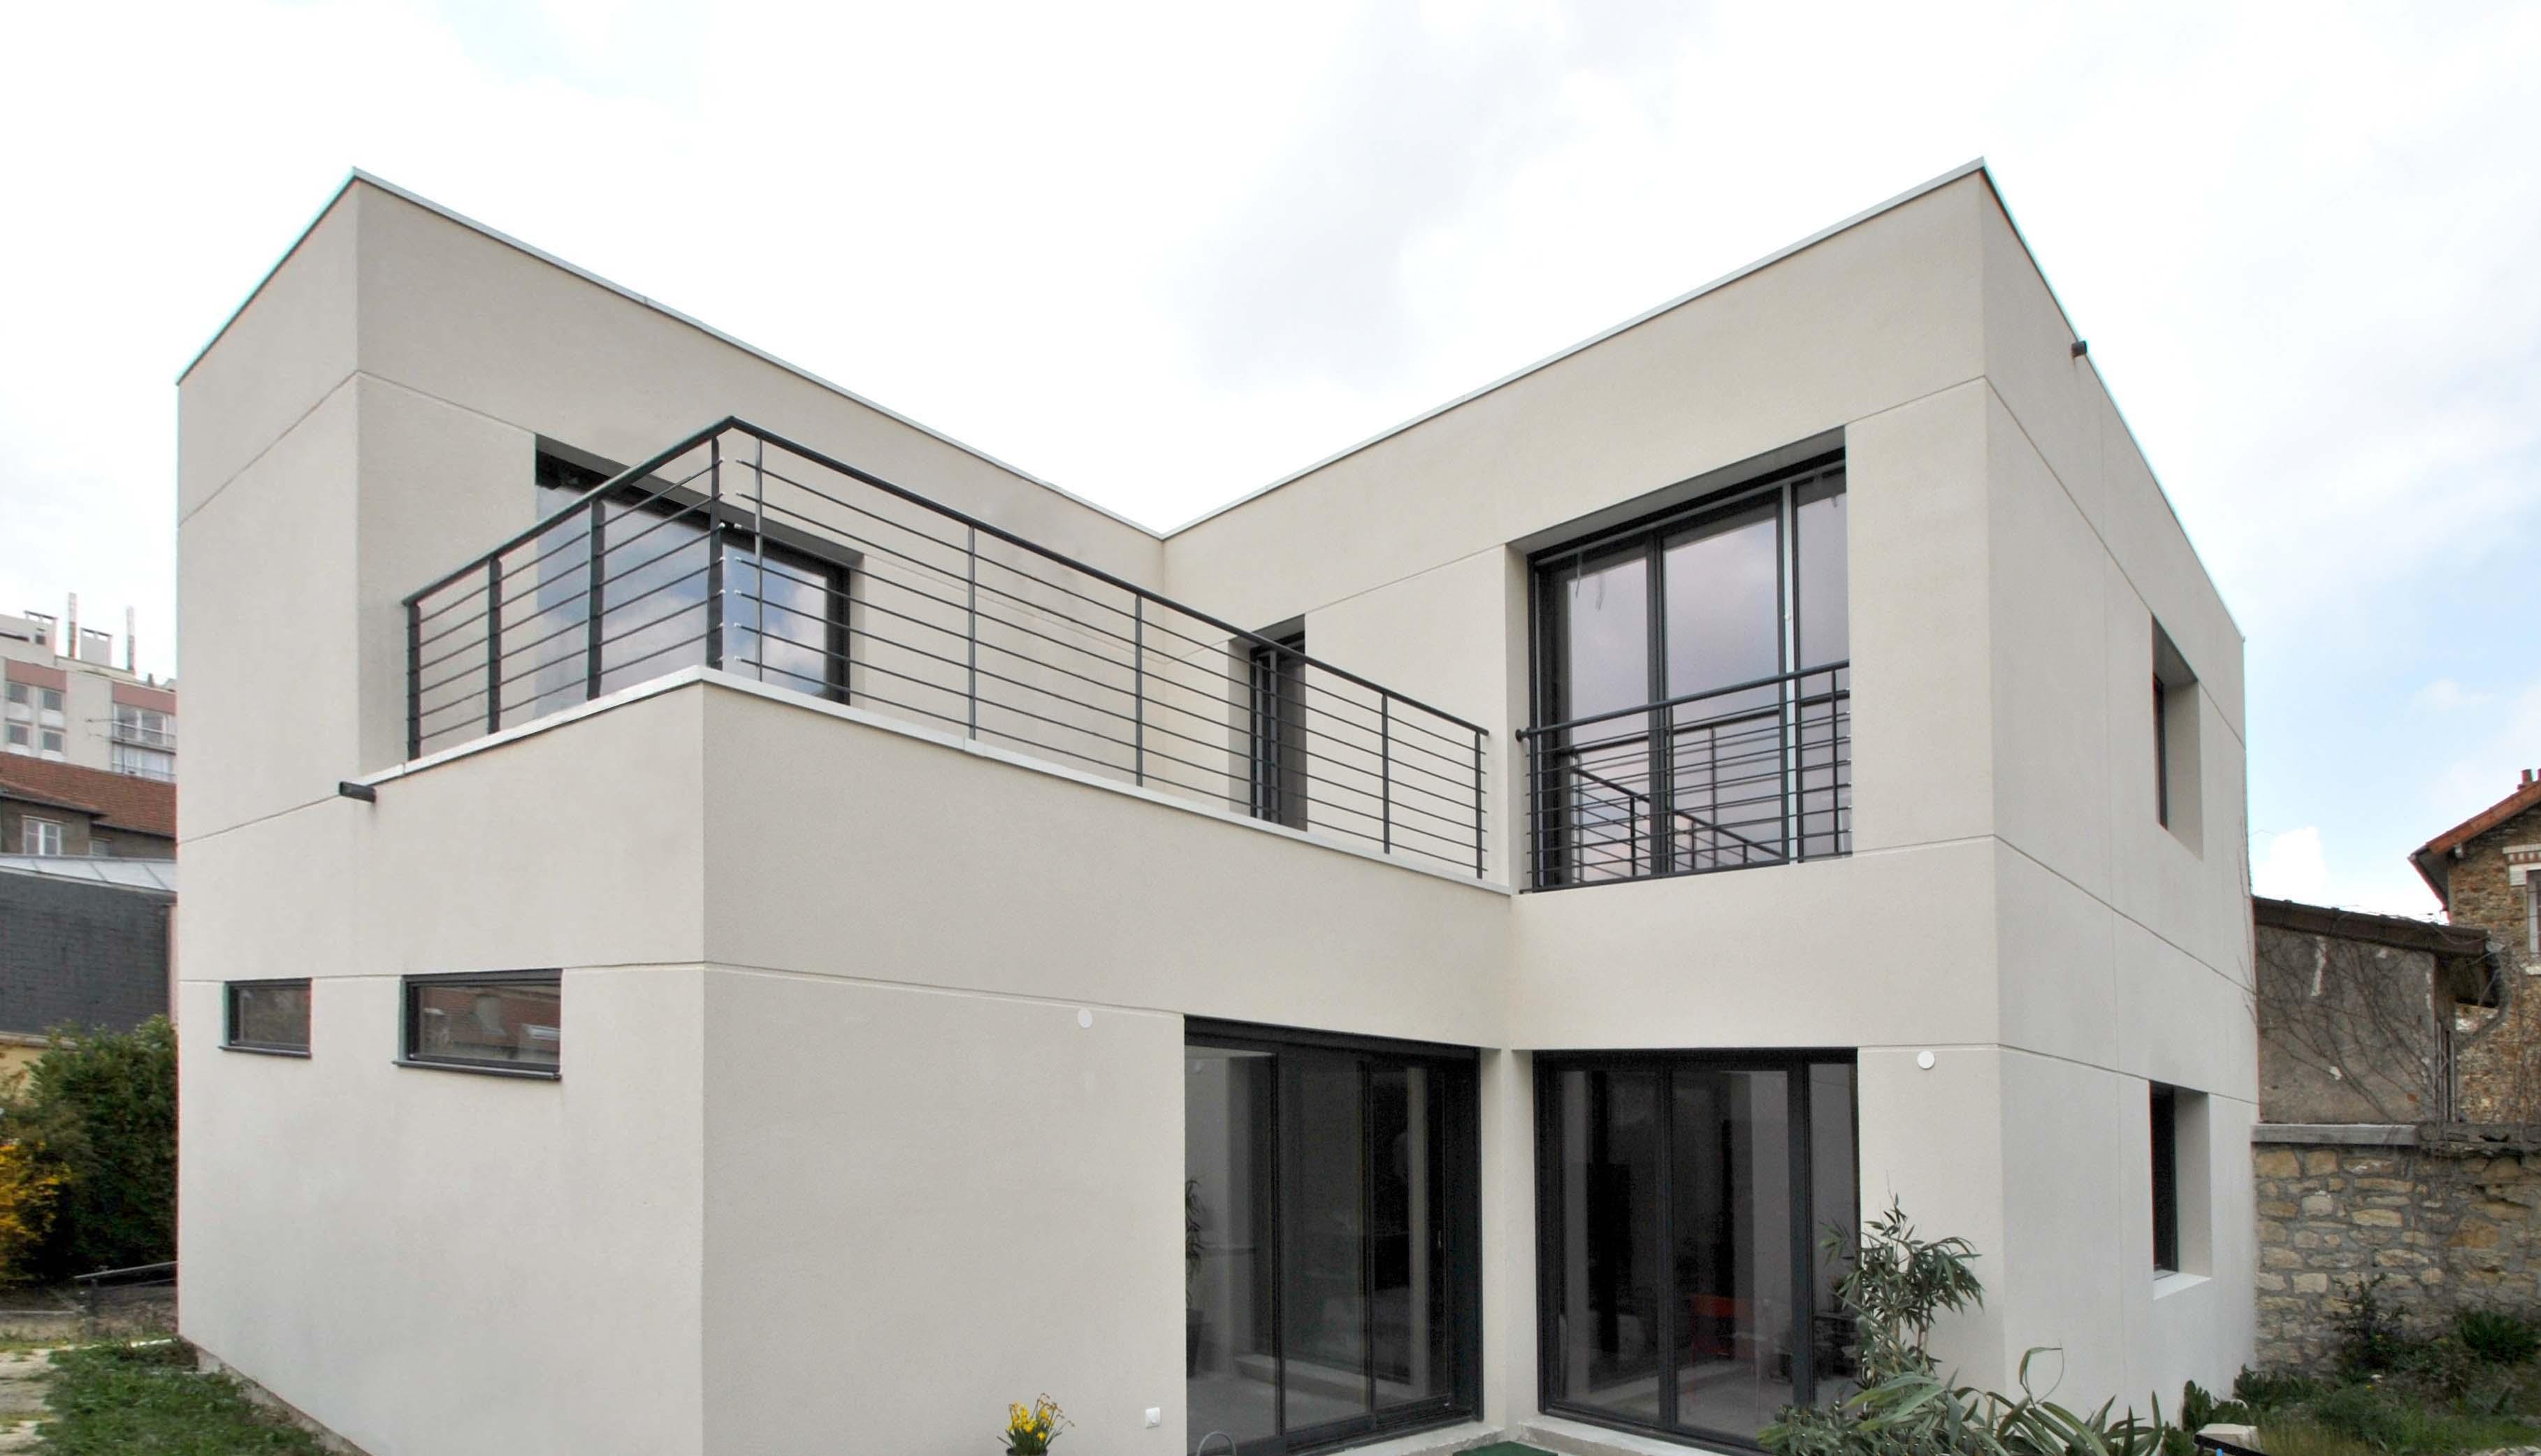 maison moderne val d 39 oise. Black Bedroom Furniture Sets. Home Design Ideas